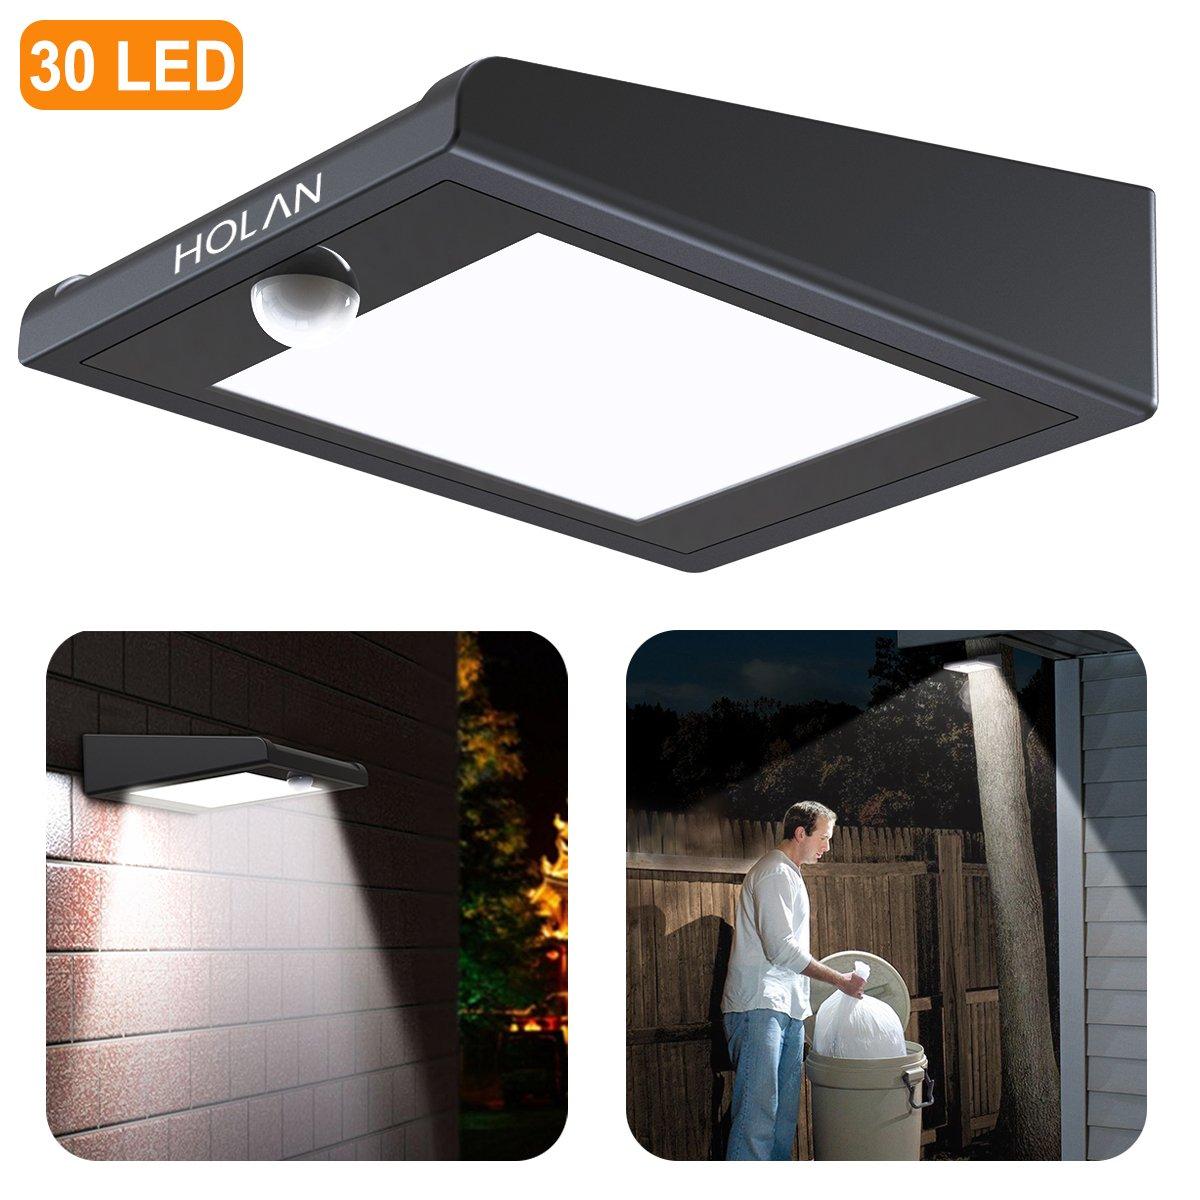 Amazon.ca: Deck Lights: Tools & Home Improvement